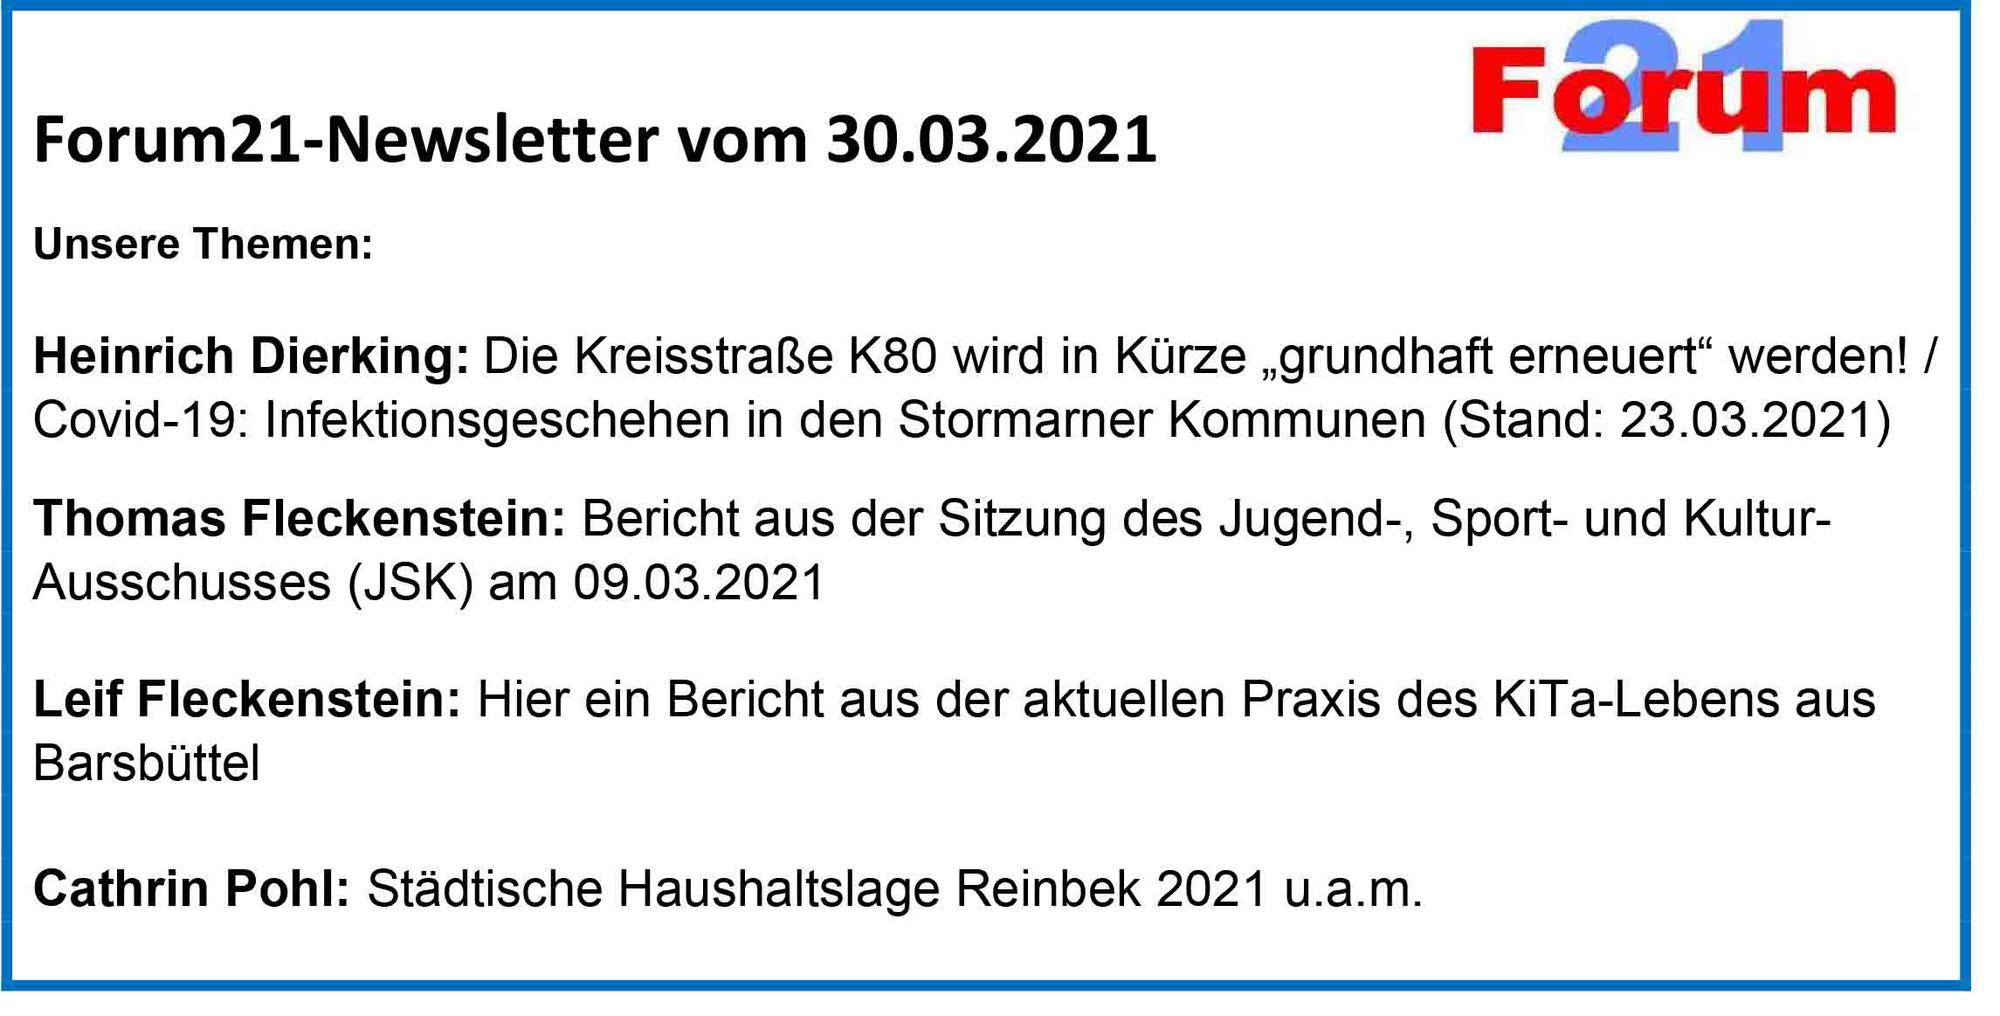 Forum21-Newsletter vom 30.03.2021